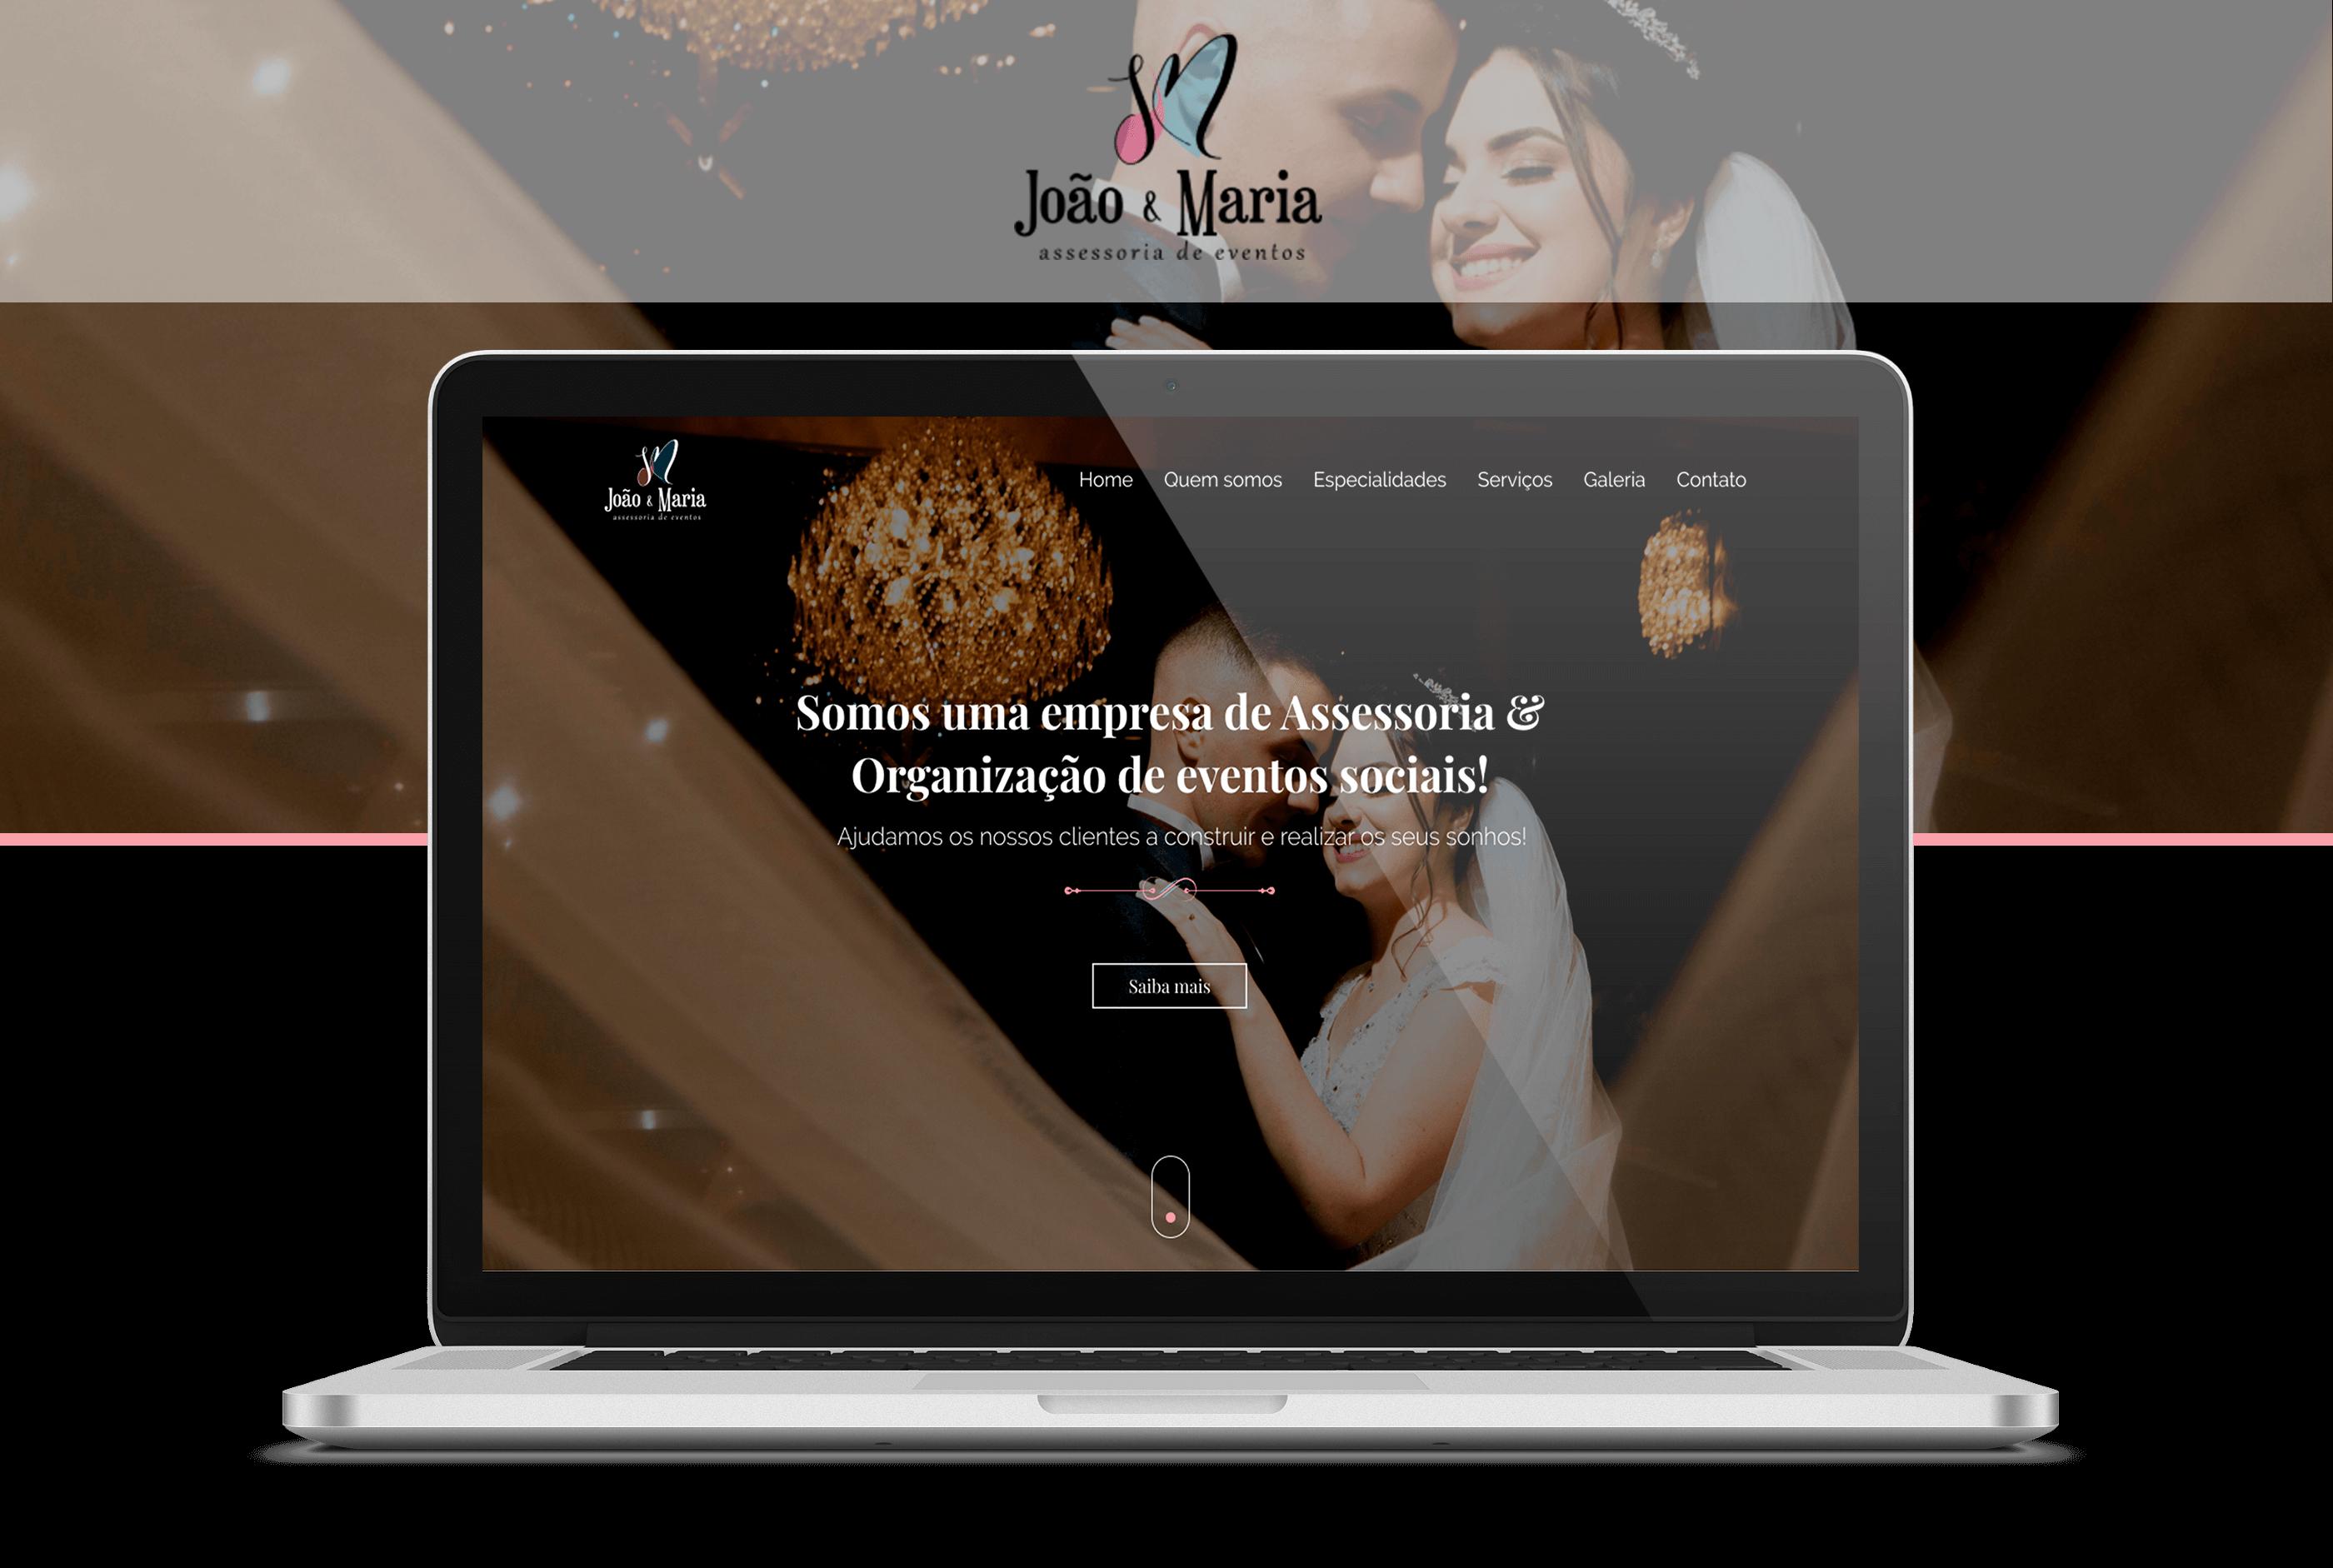 Projeto João & Maria Assessoria - Goognet Solução Digital